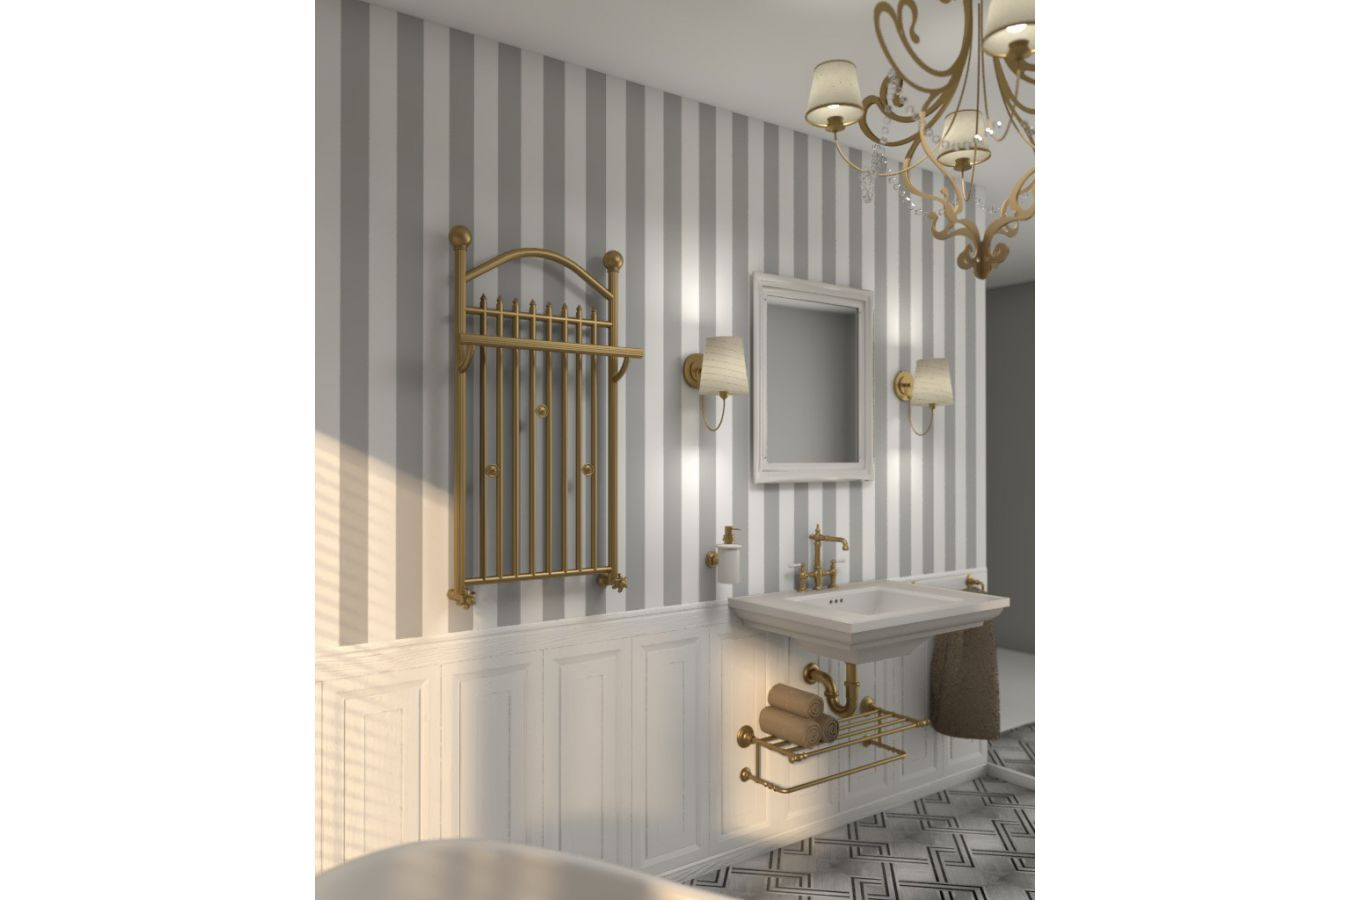 Heizkorper Fur Badezimmer